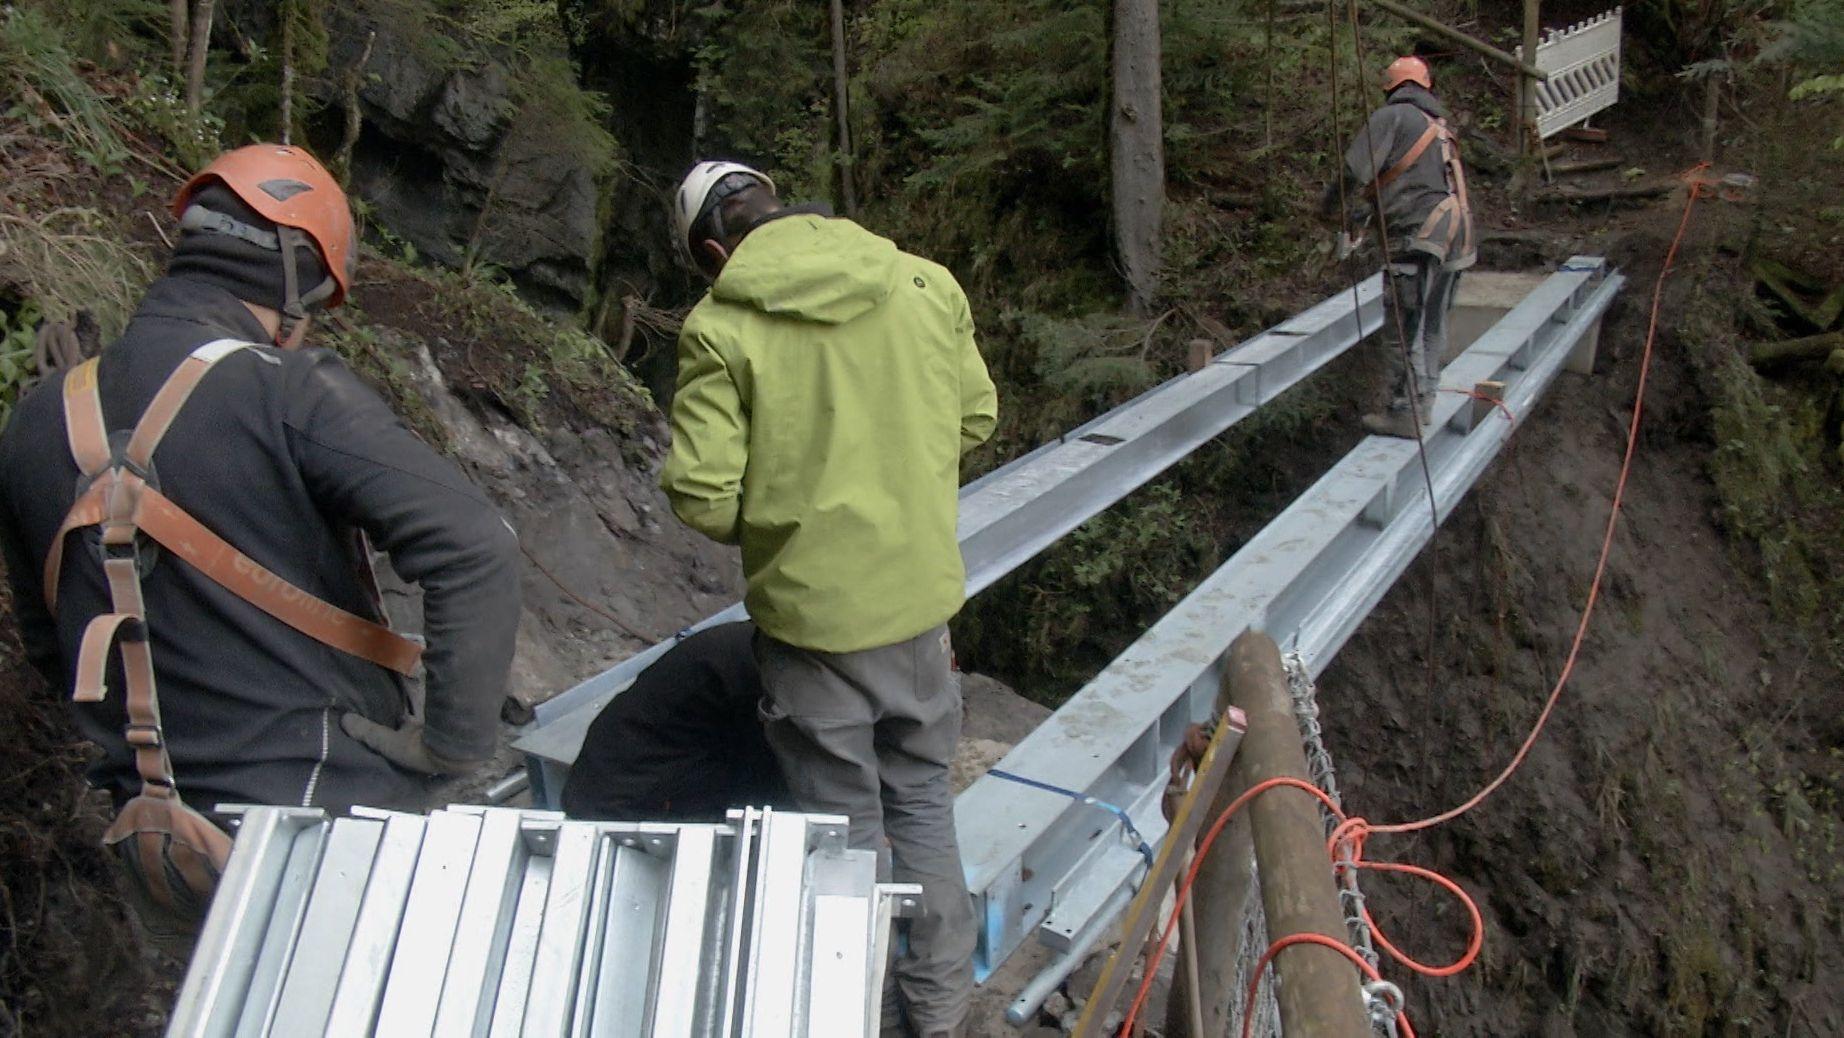 Stahlträger als Basis für die neue Brücke über die Partnach bei Garmisch-Partenkirchen